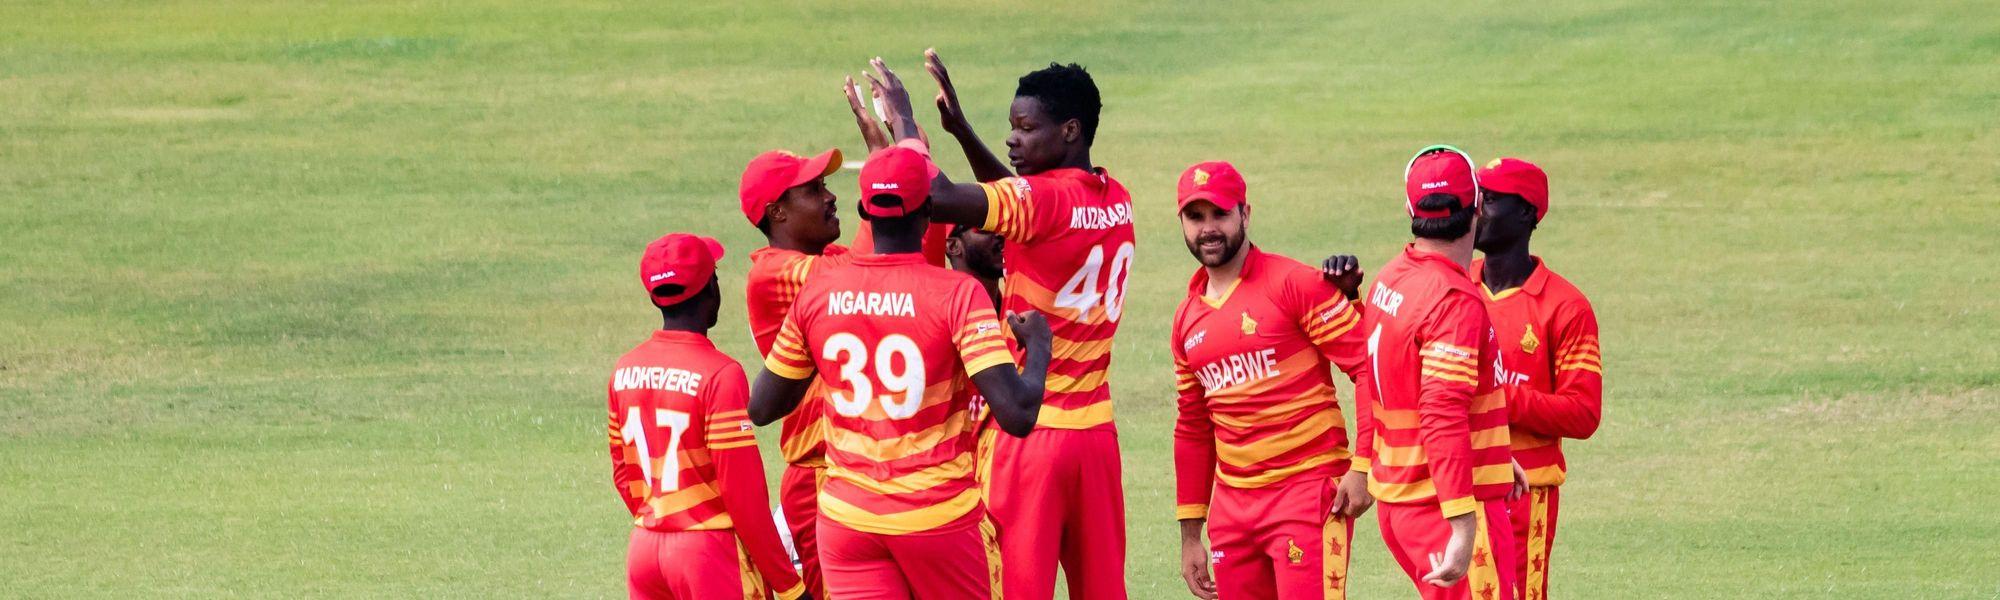 Bangladesh Zimbabwe ODI